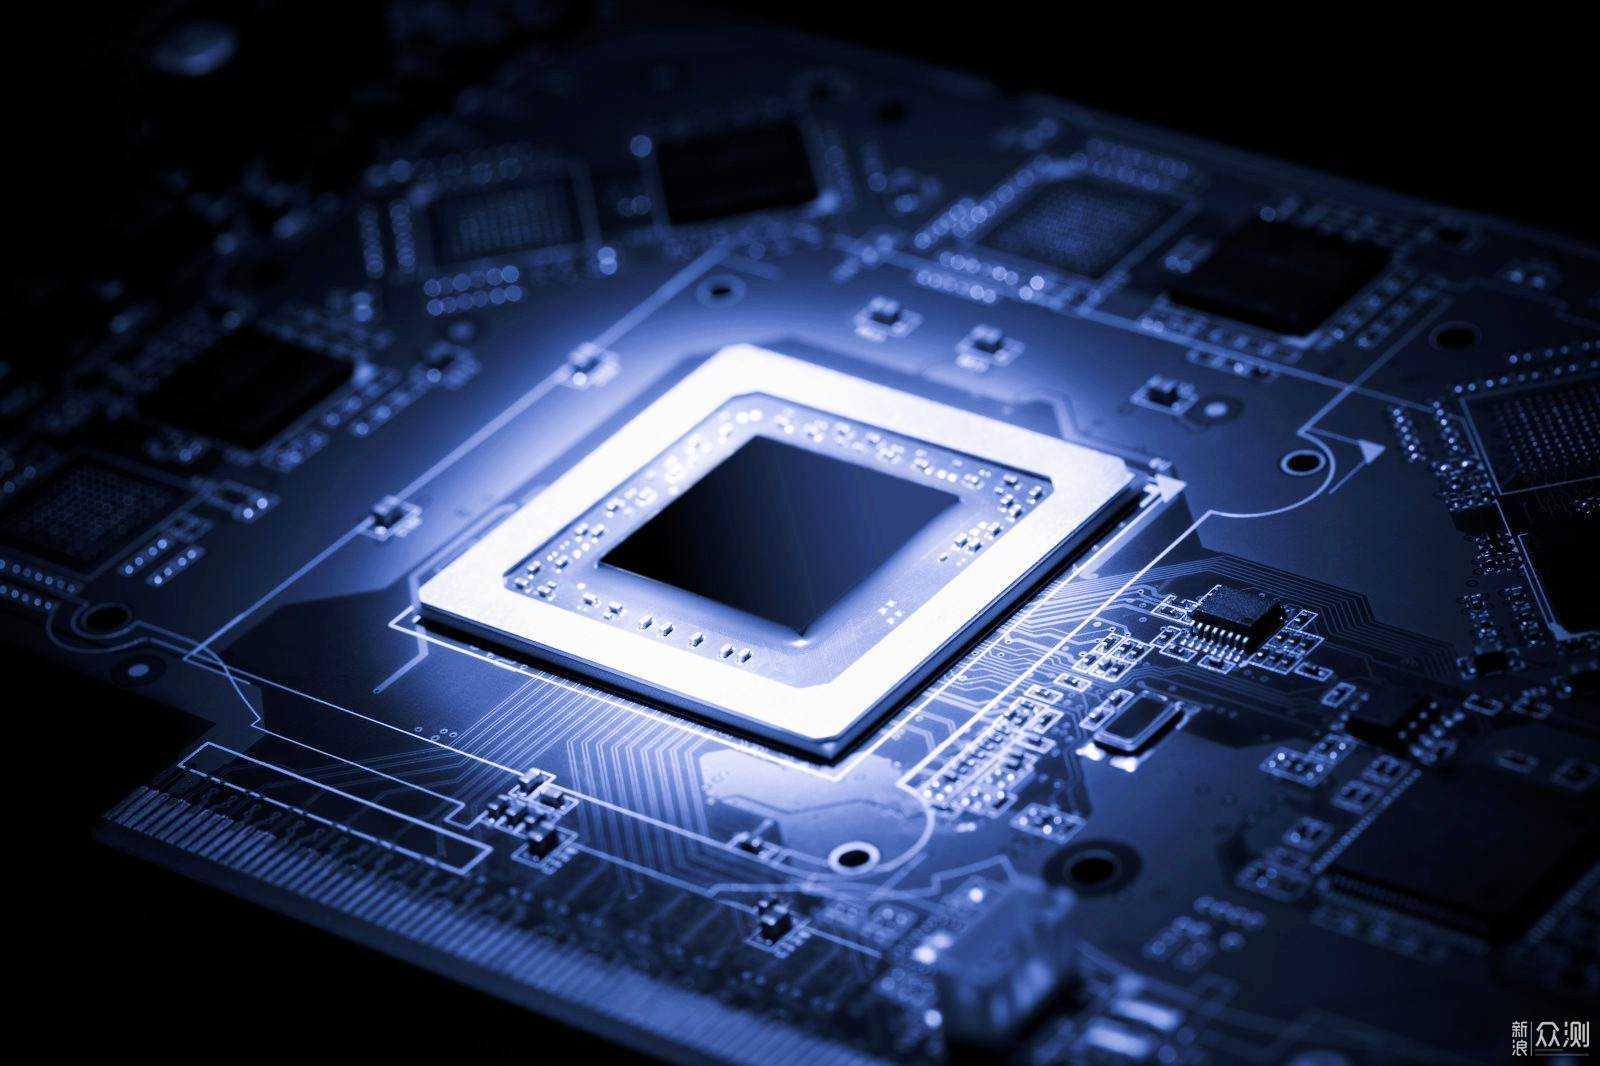 2021年6月处理器排行榜_2021手机处理器排行榜最新排行榜